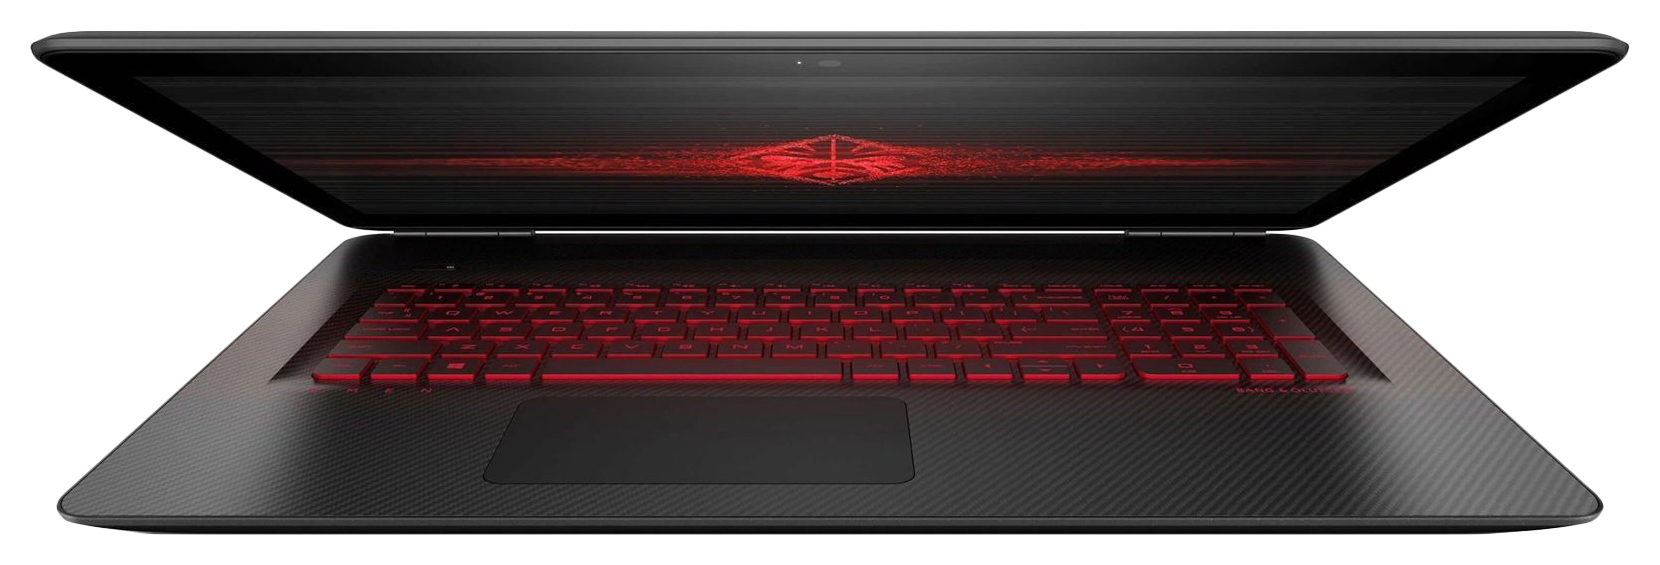 12 лучших ноутбуков hp - рейтинг 2020